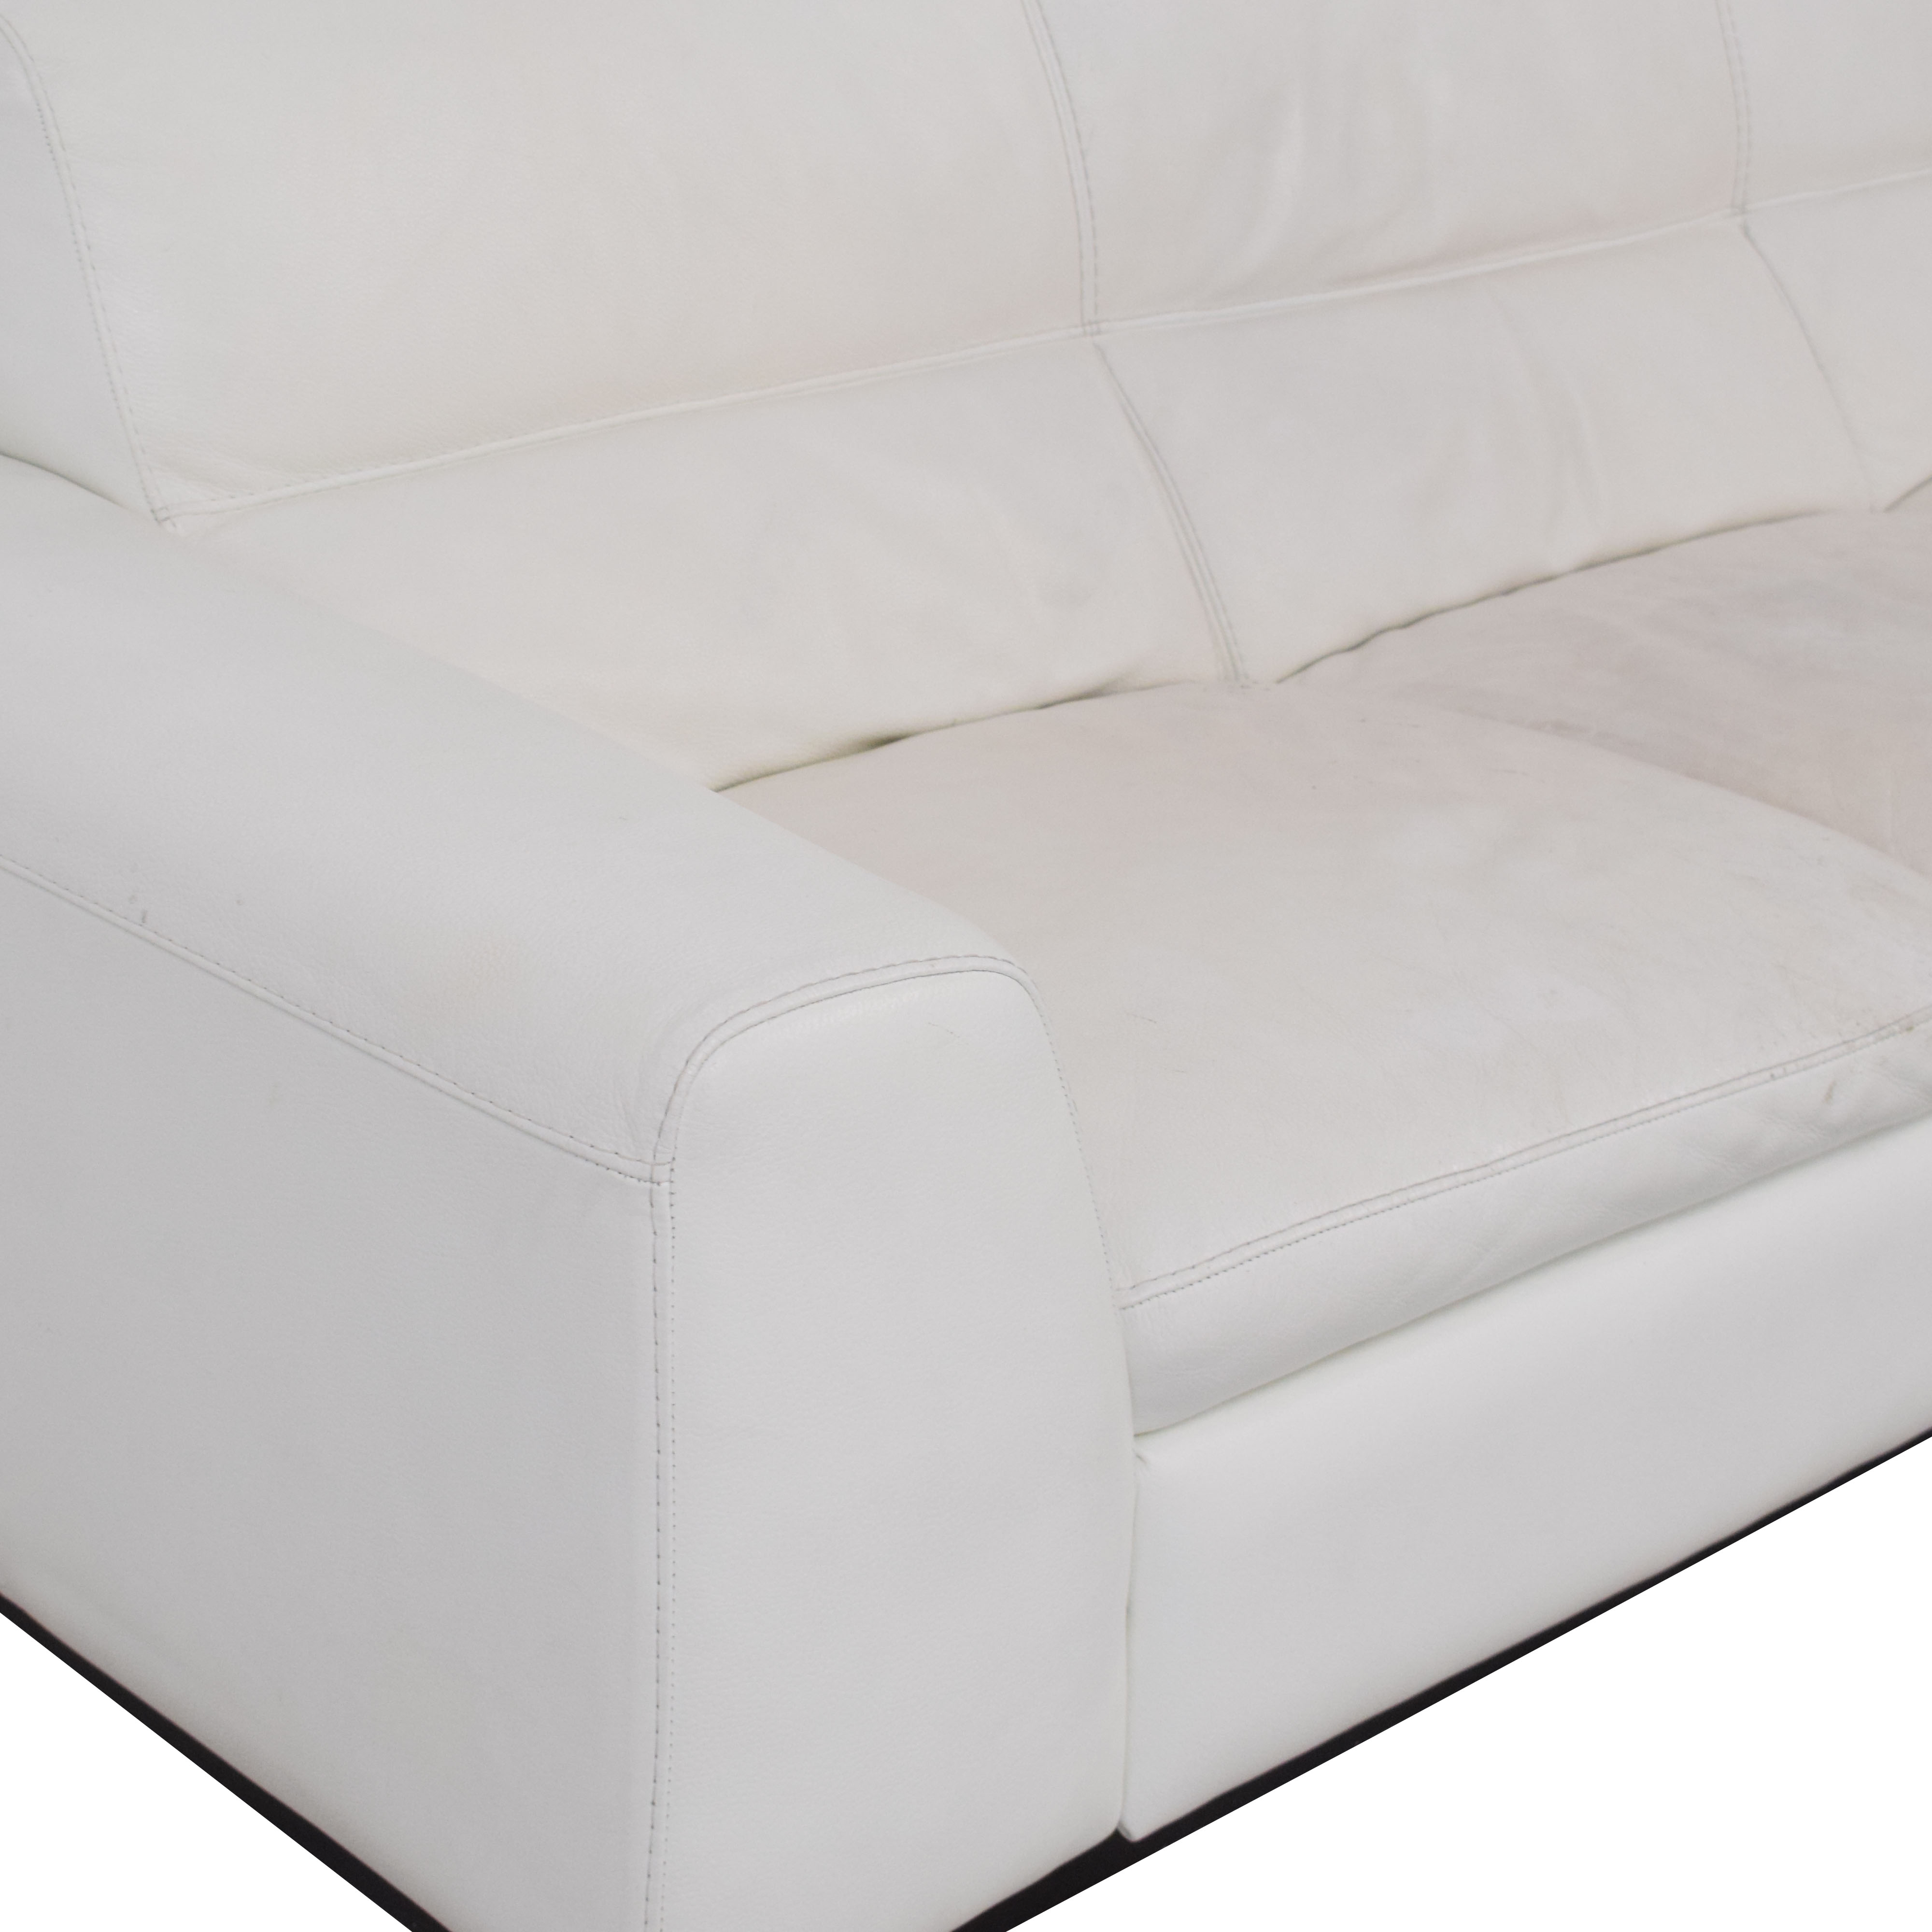 Calia Italia Calia Italia Soho 3-Seat Leather Couch